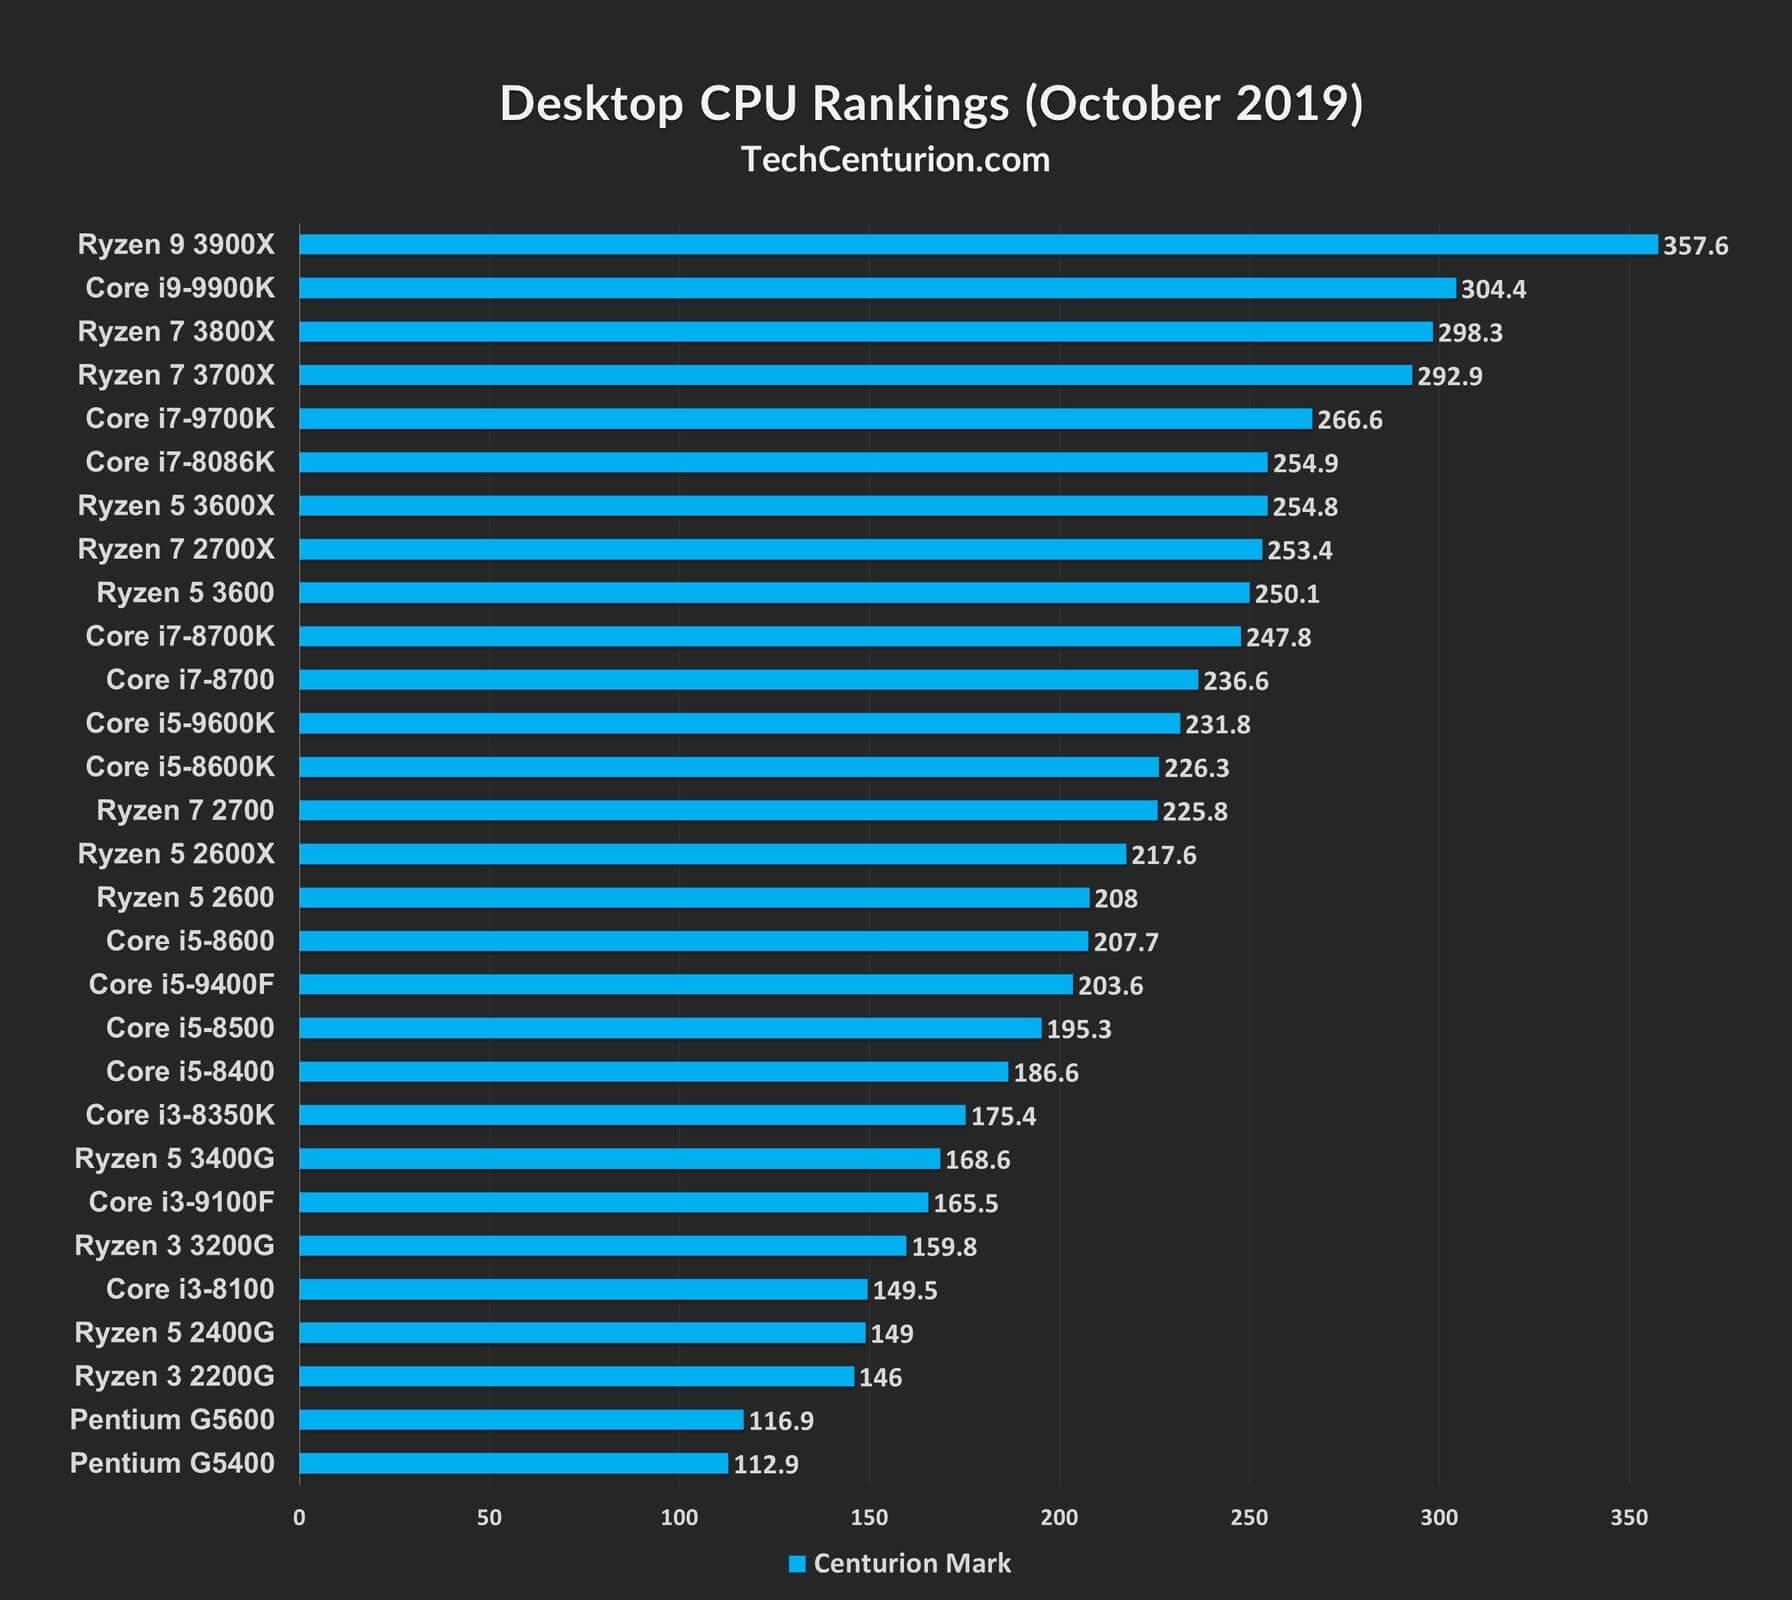 Desktop CPU Rankings